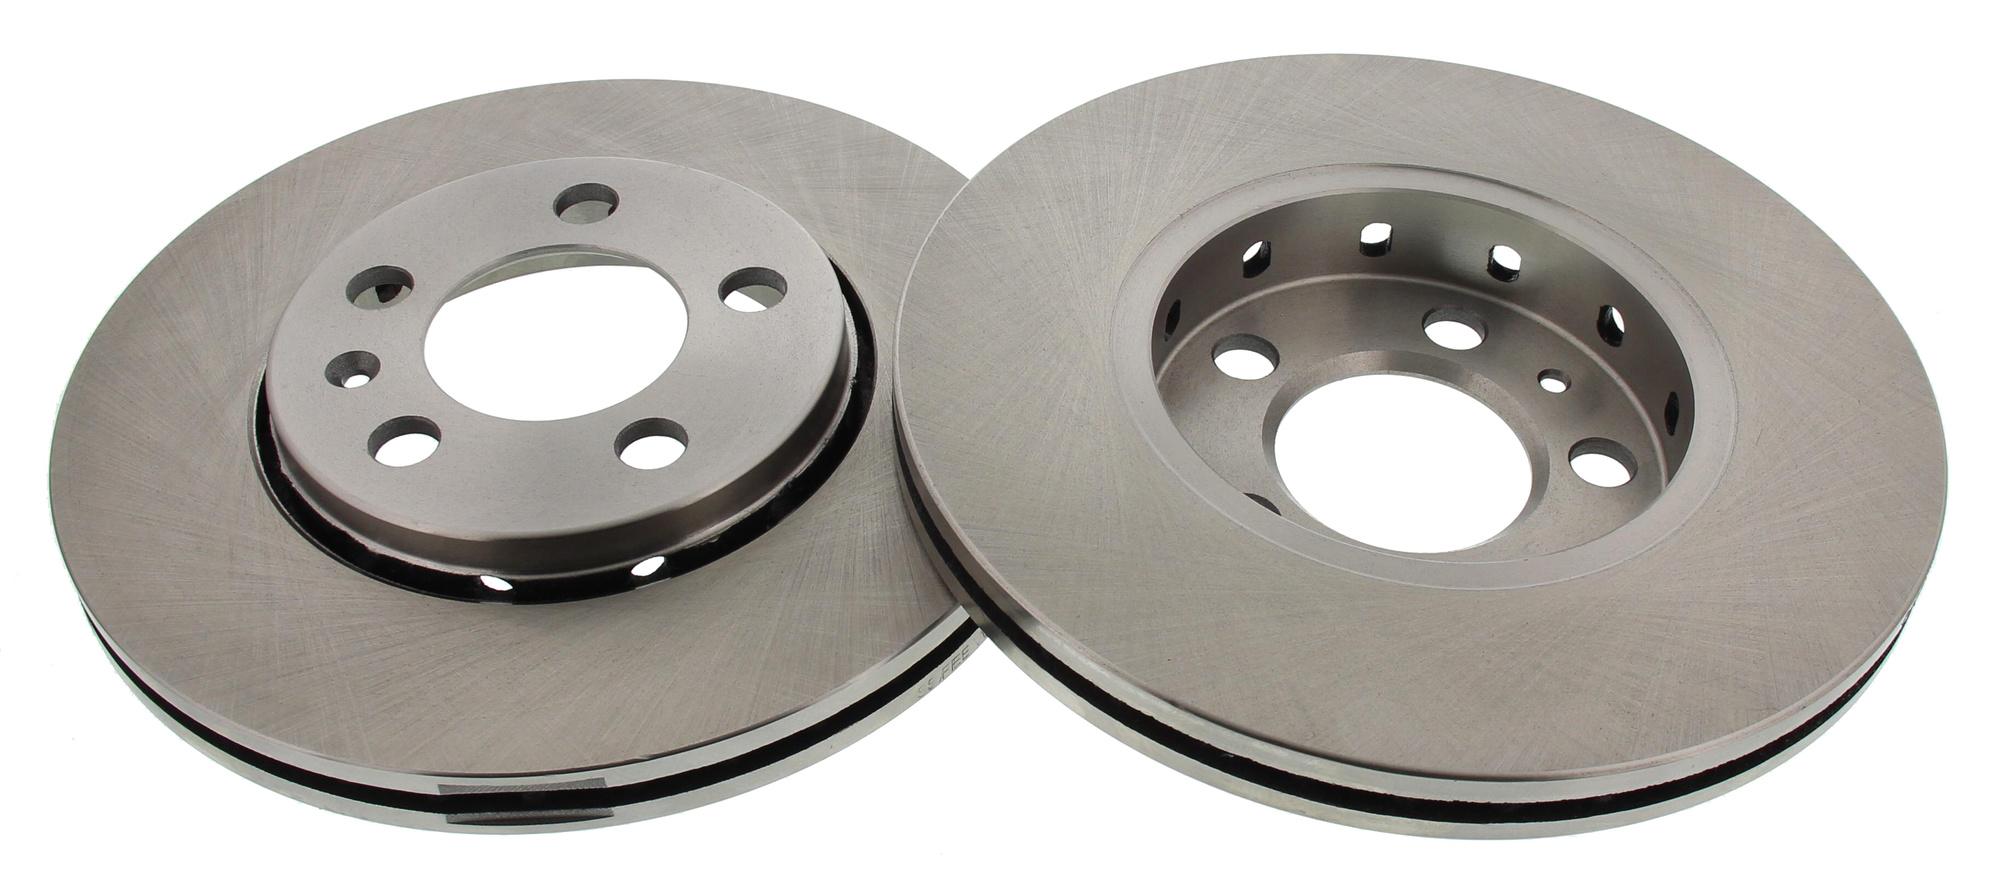 MAPCO 15830/2 Brake Disc